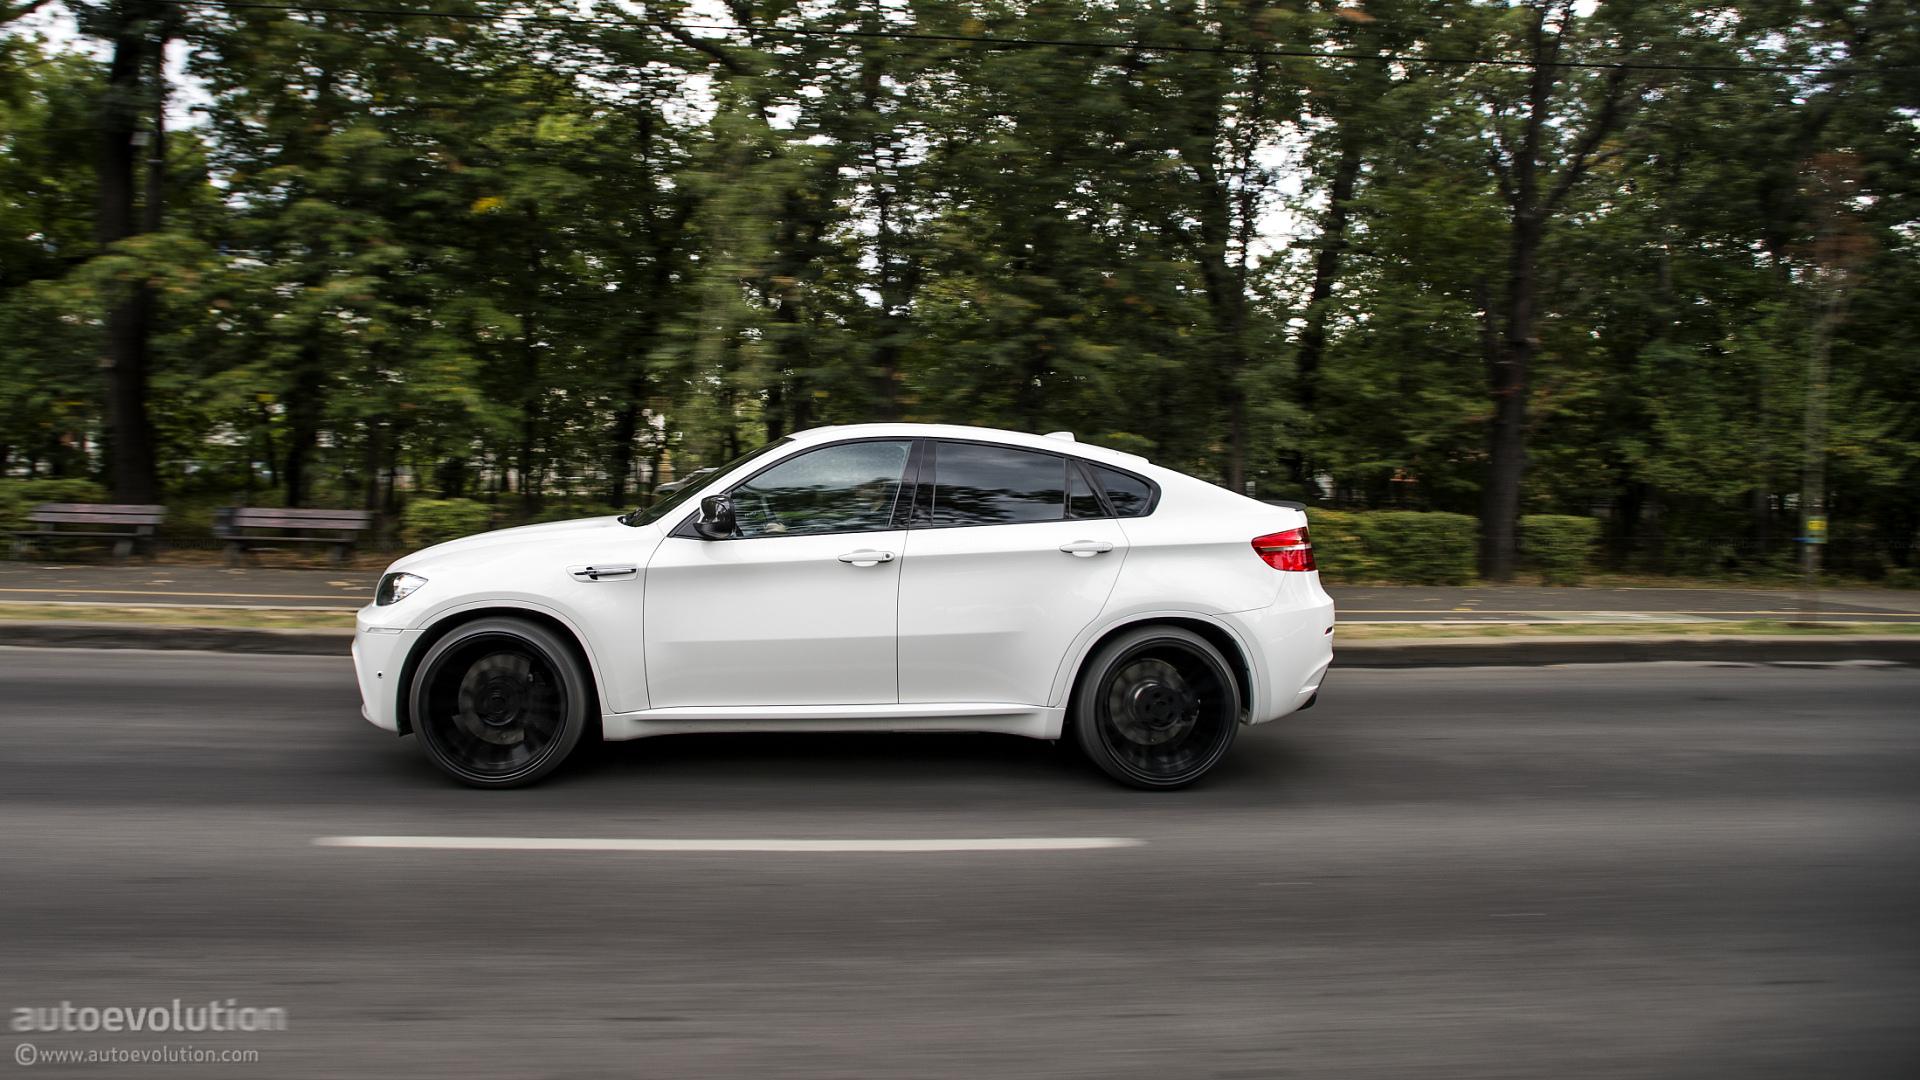 Bmw X6 M Review Autoevolution